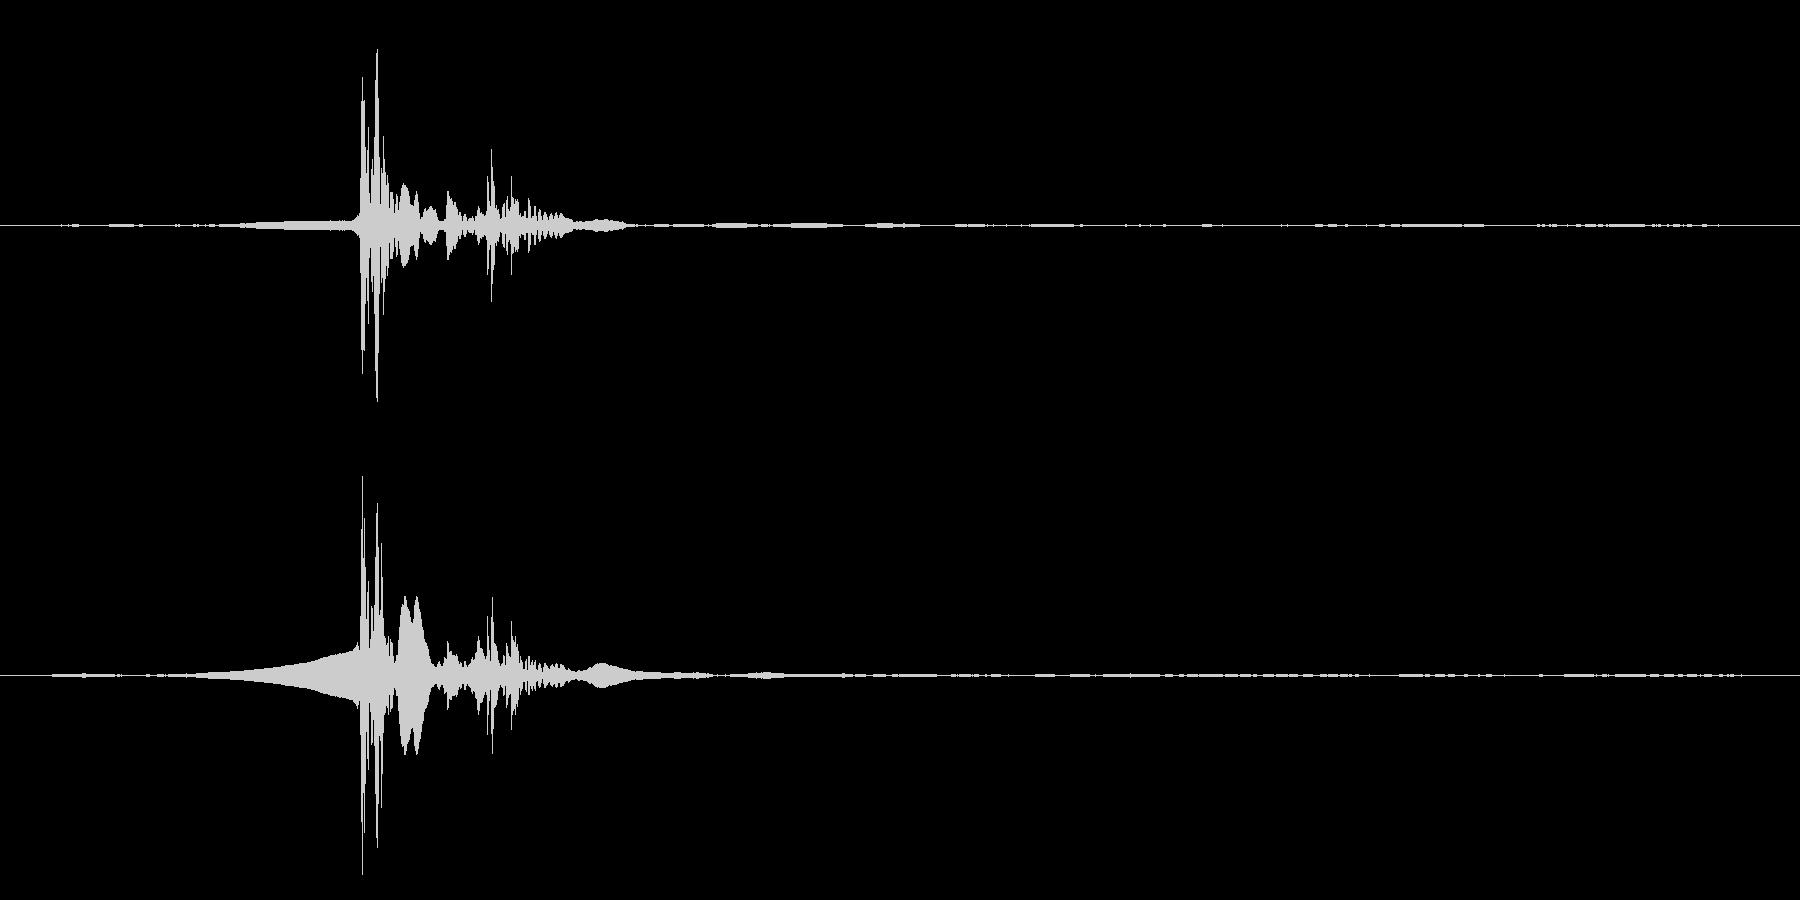 パソコンのEnterを押す音ですの未再生の波形